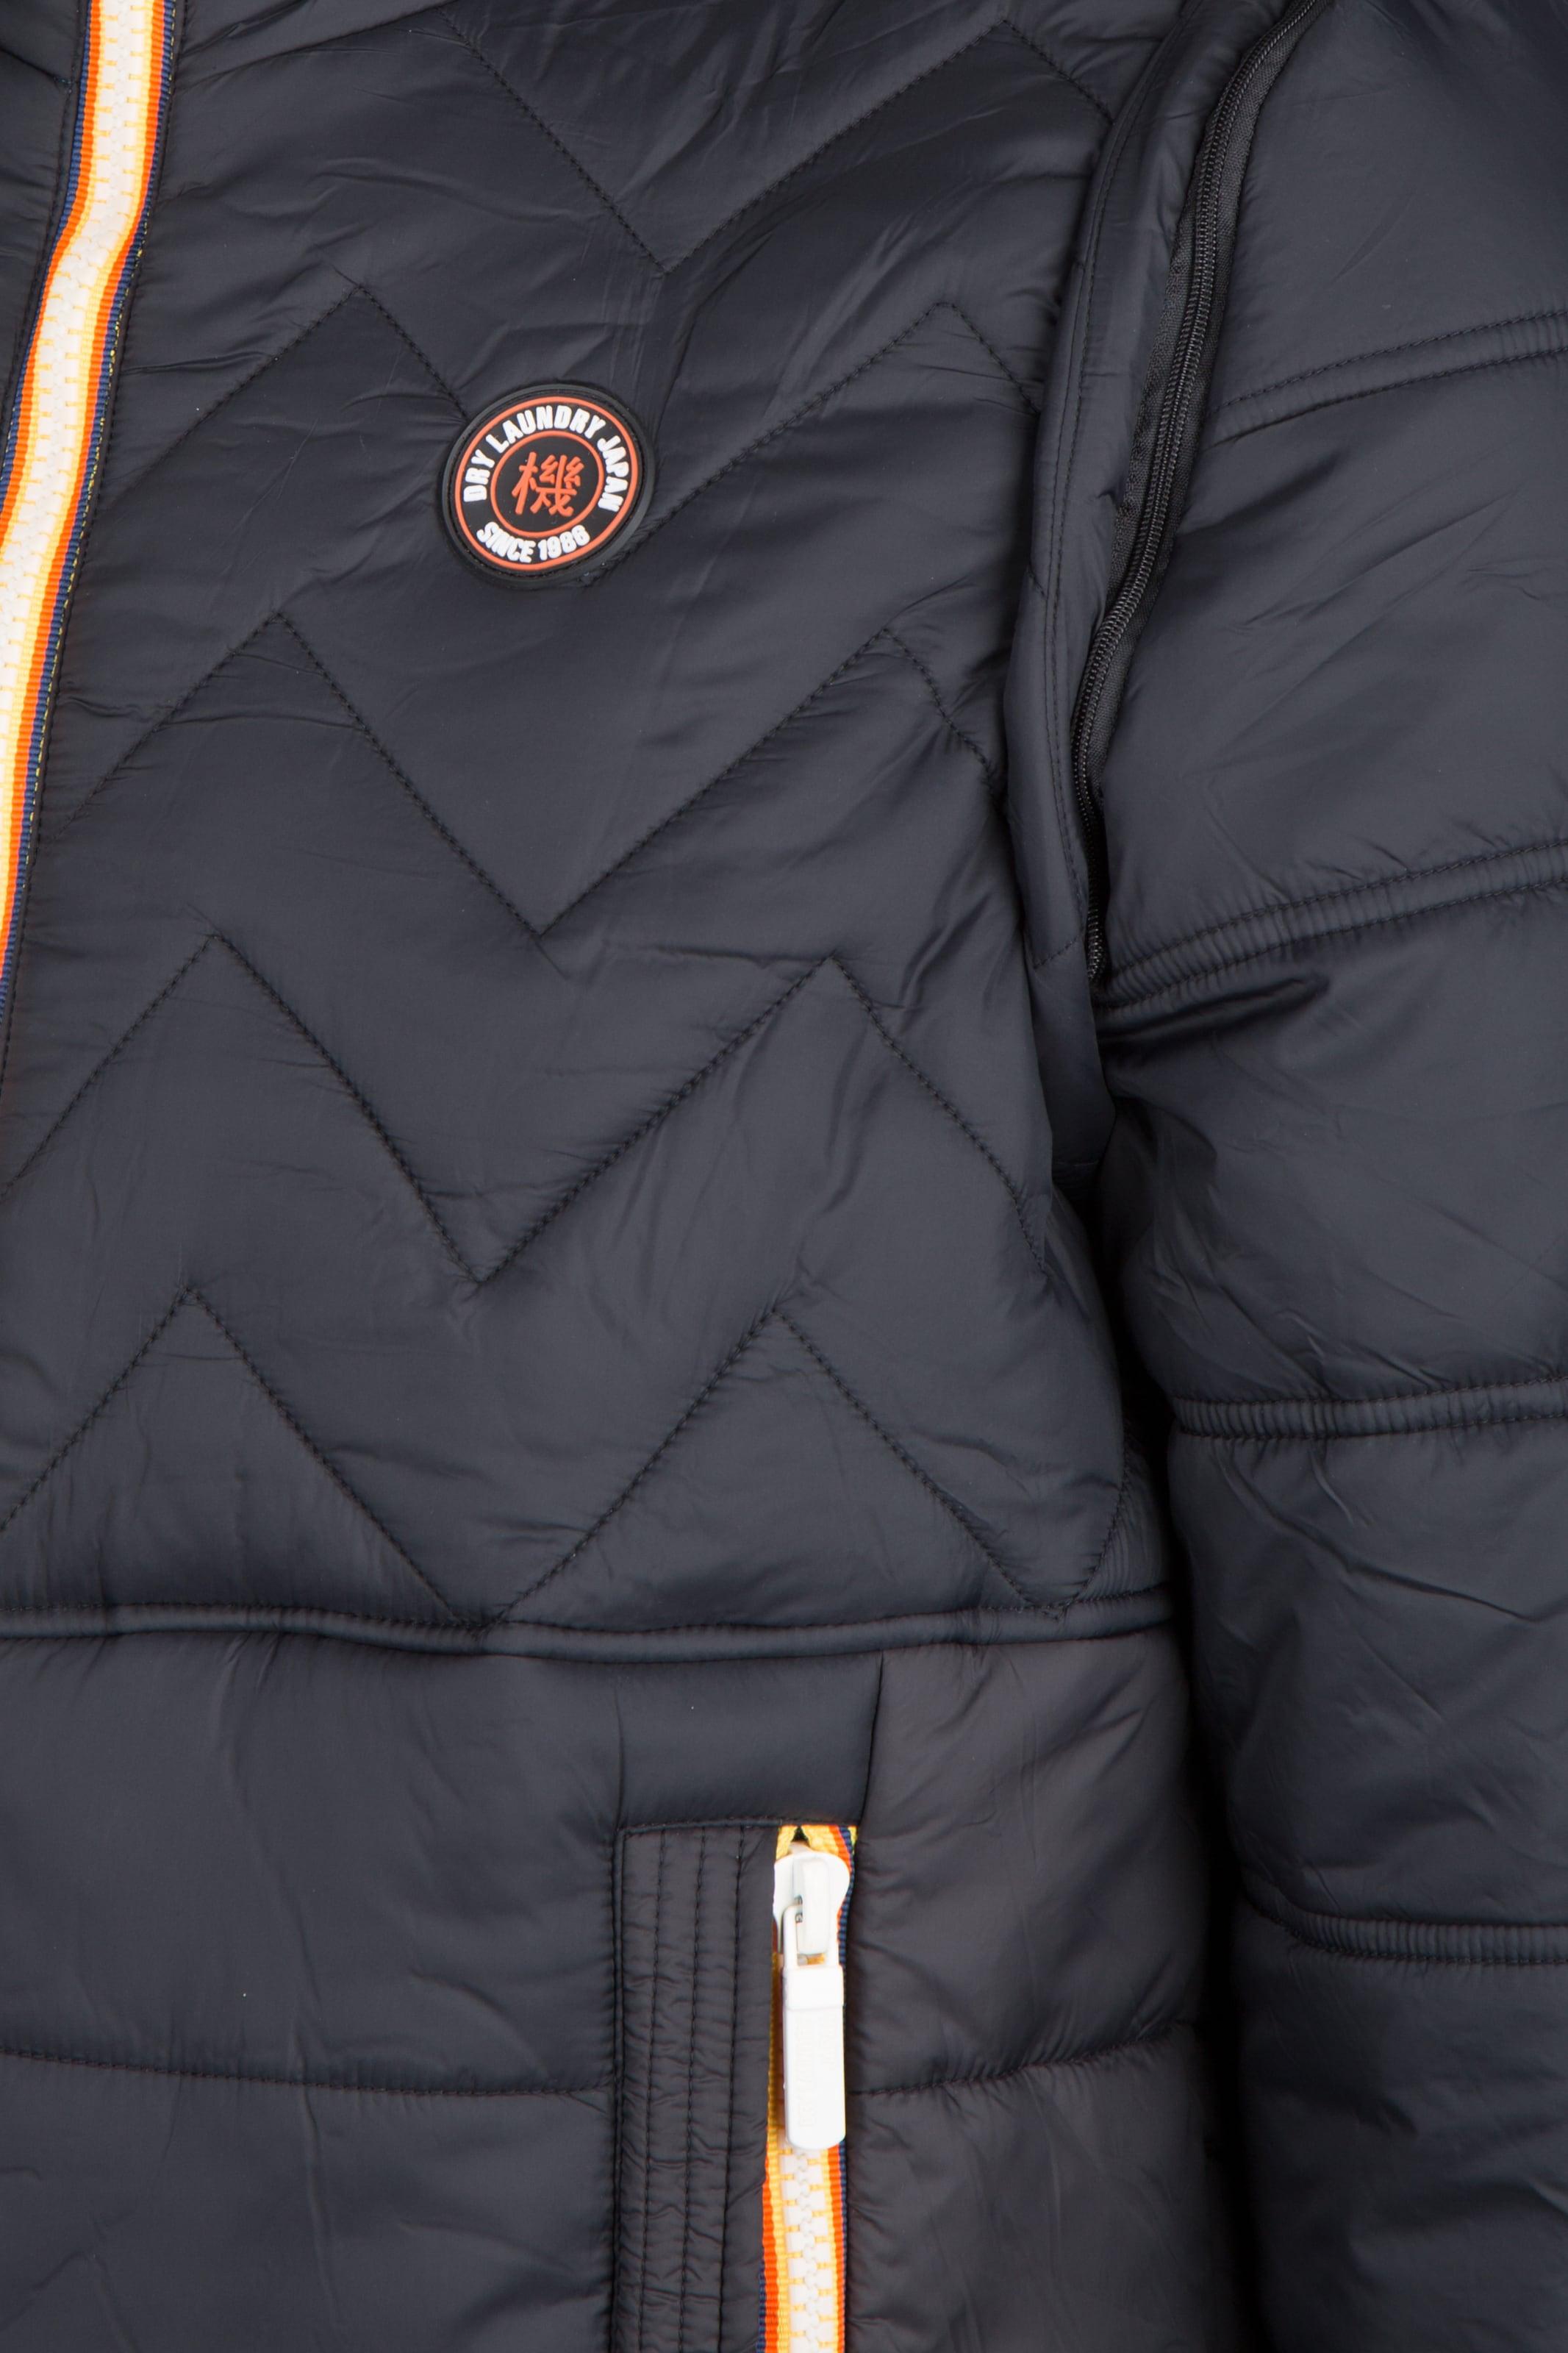 Bestes Geschäft Zu Bekommen Dry Laundry Jacke mit abnehmbaren Ärmeln Modisch Kaufen Zum Verkauf Austrittsstellen Online Outlet Beste Geschäft Zu Bekommen 1kwoF